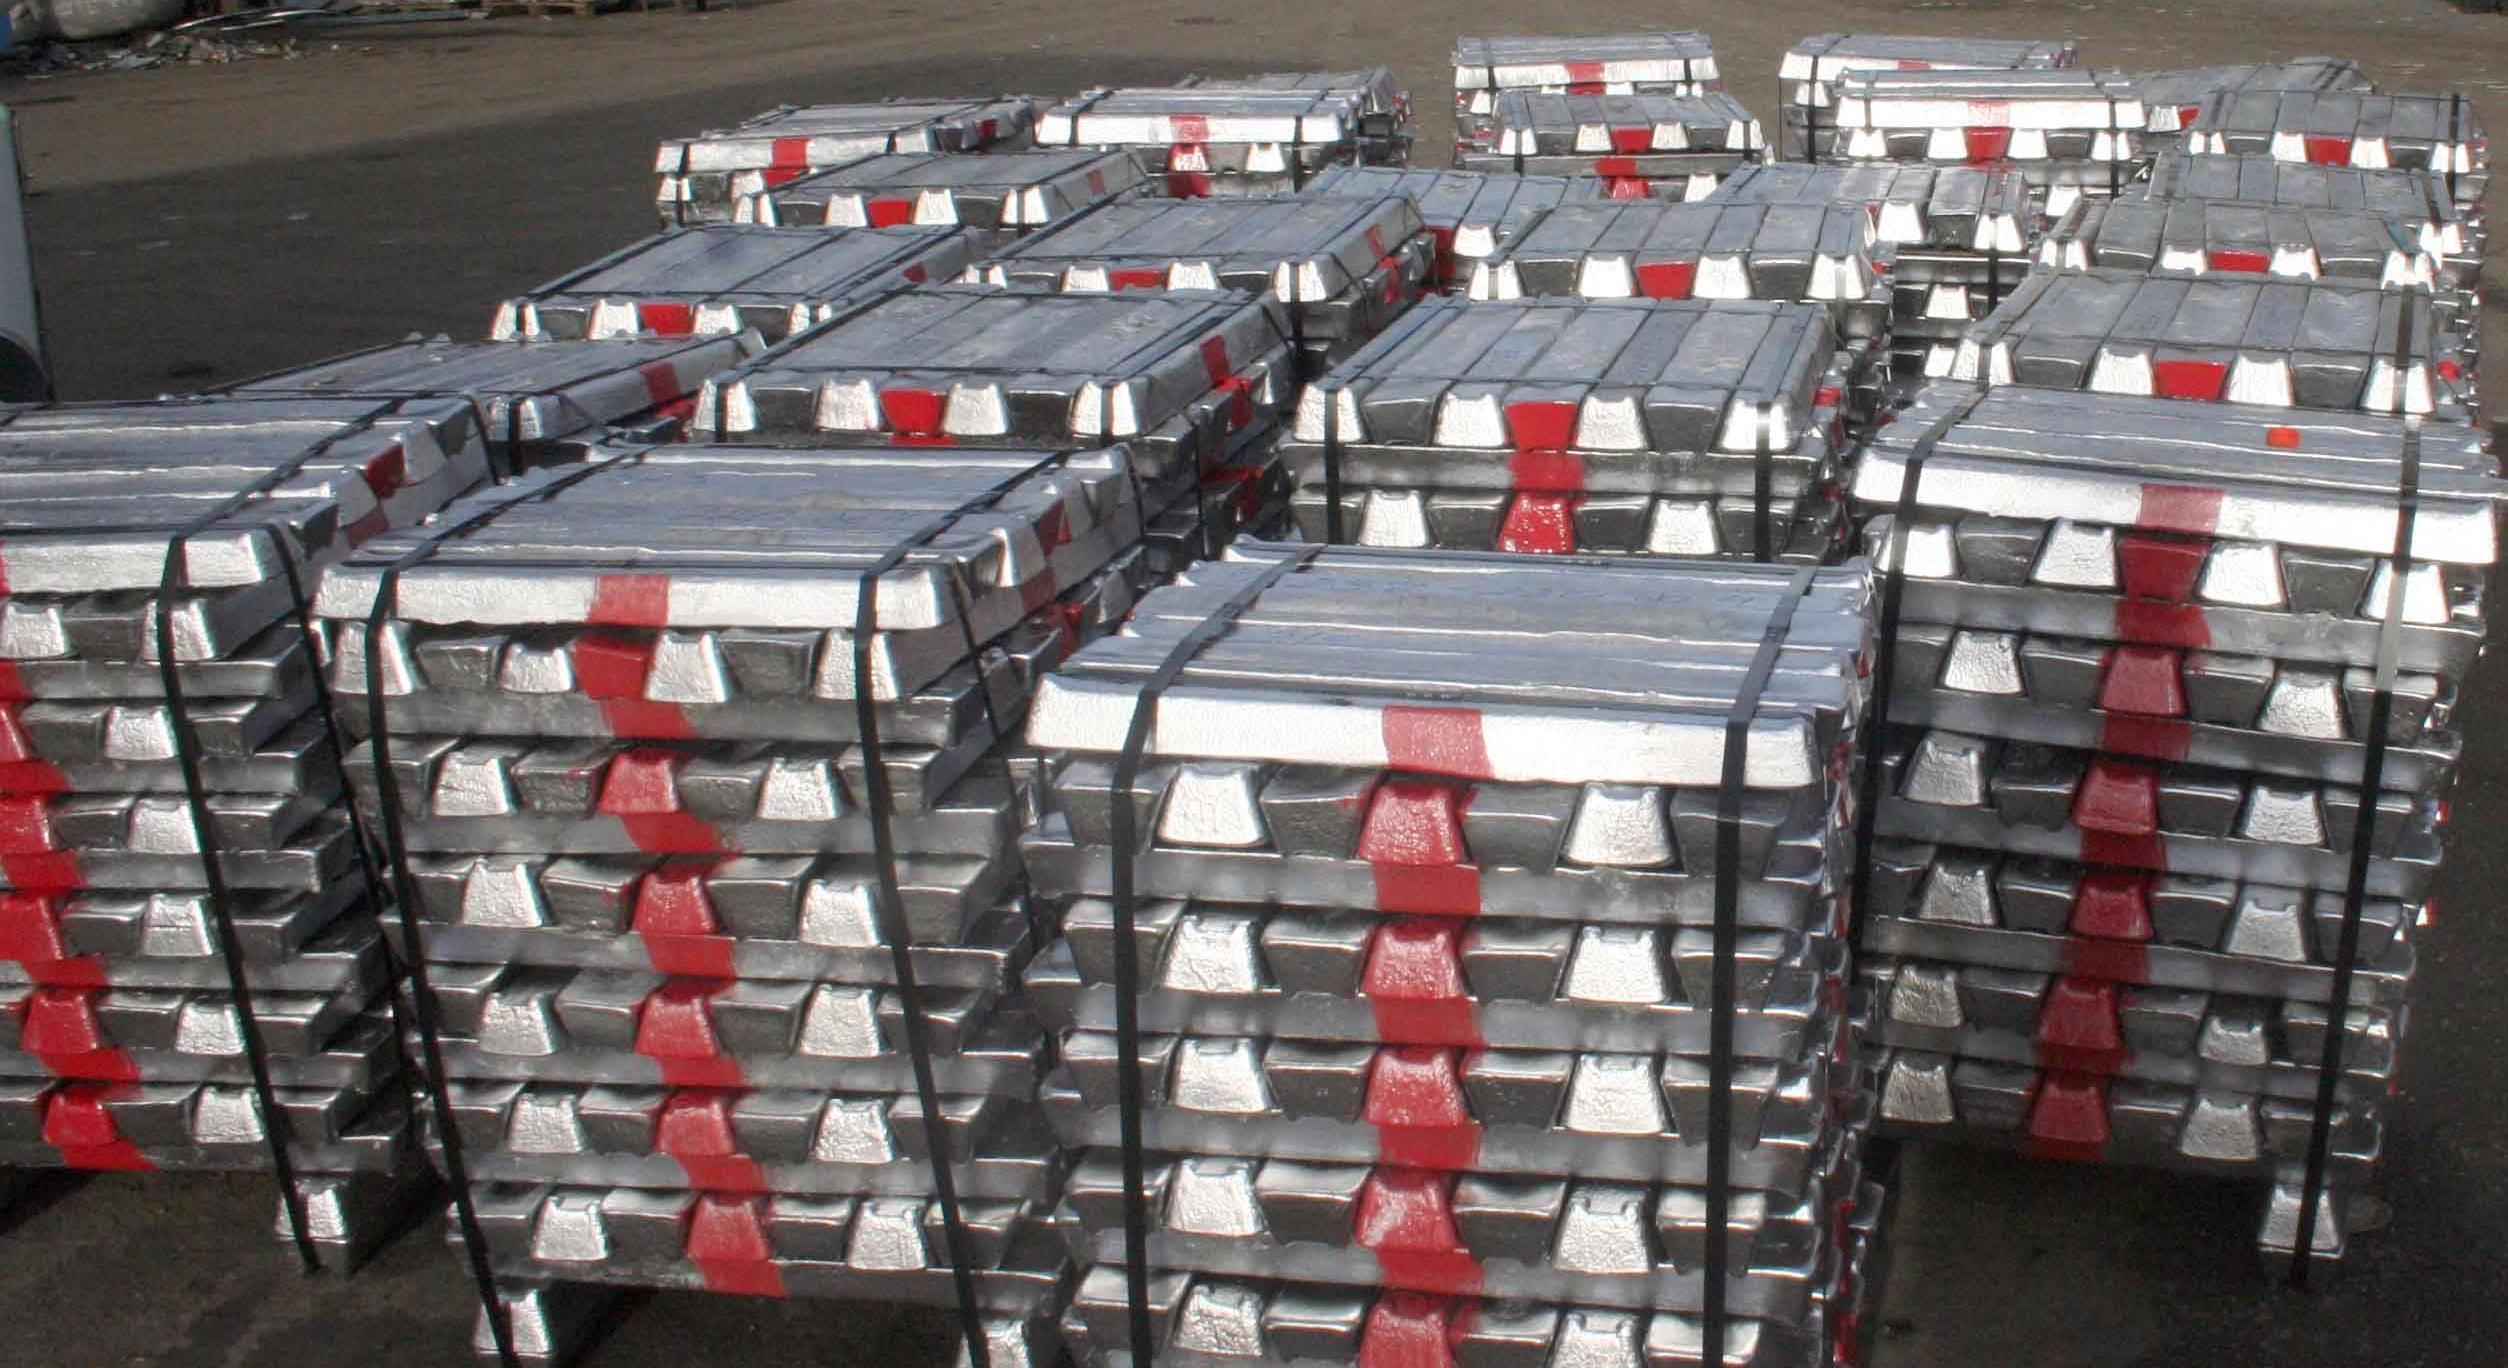 یک کارشناس و فعال صنعت آلومینیوم: واردات آلومینیوم با دلار نیمایی ارزانتر تمام میشود